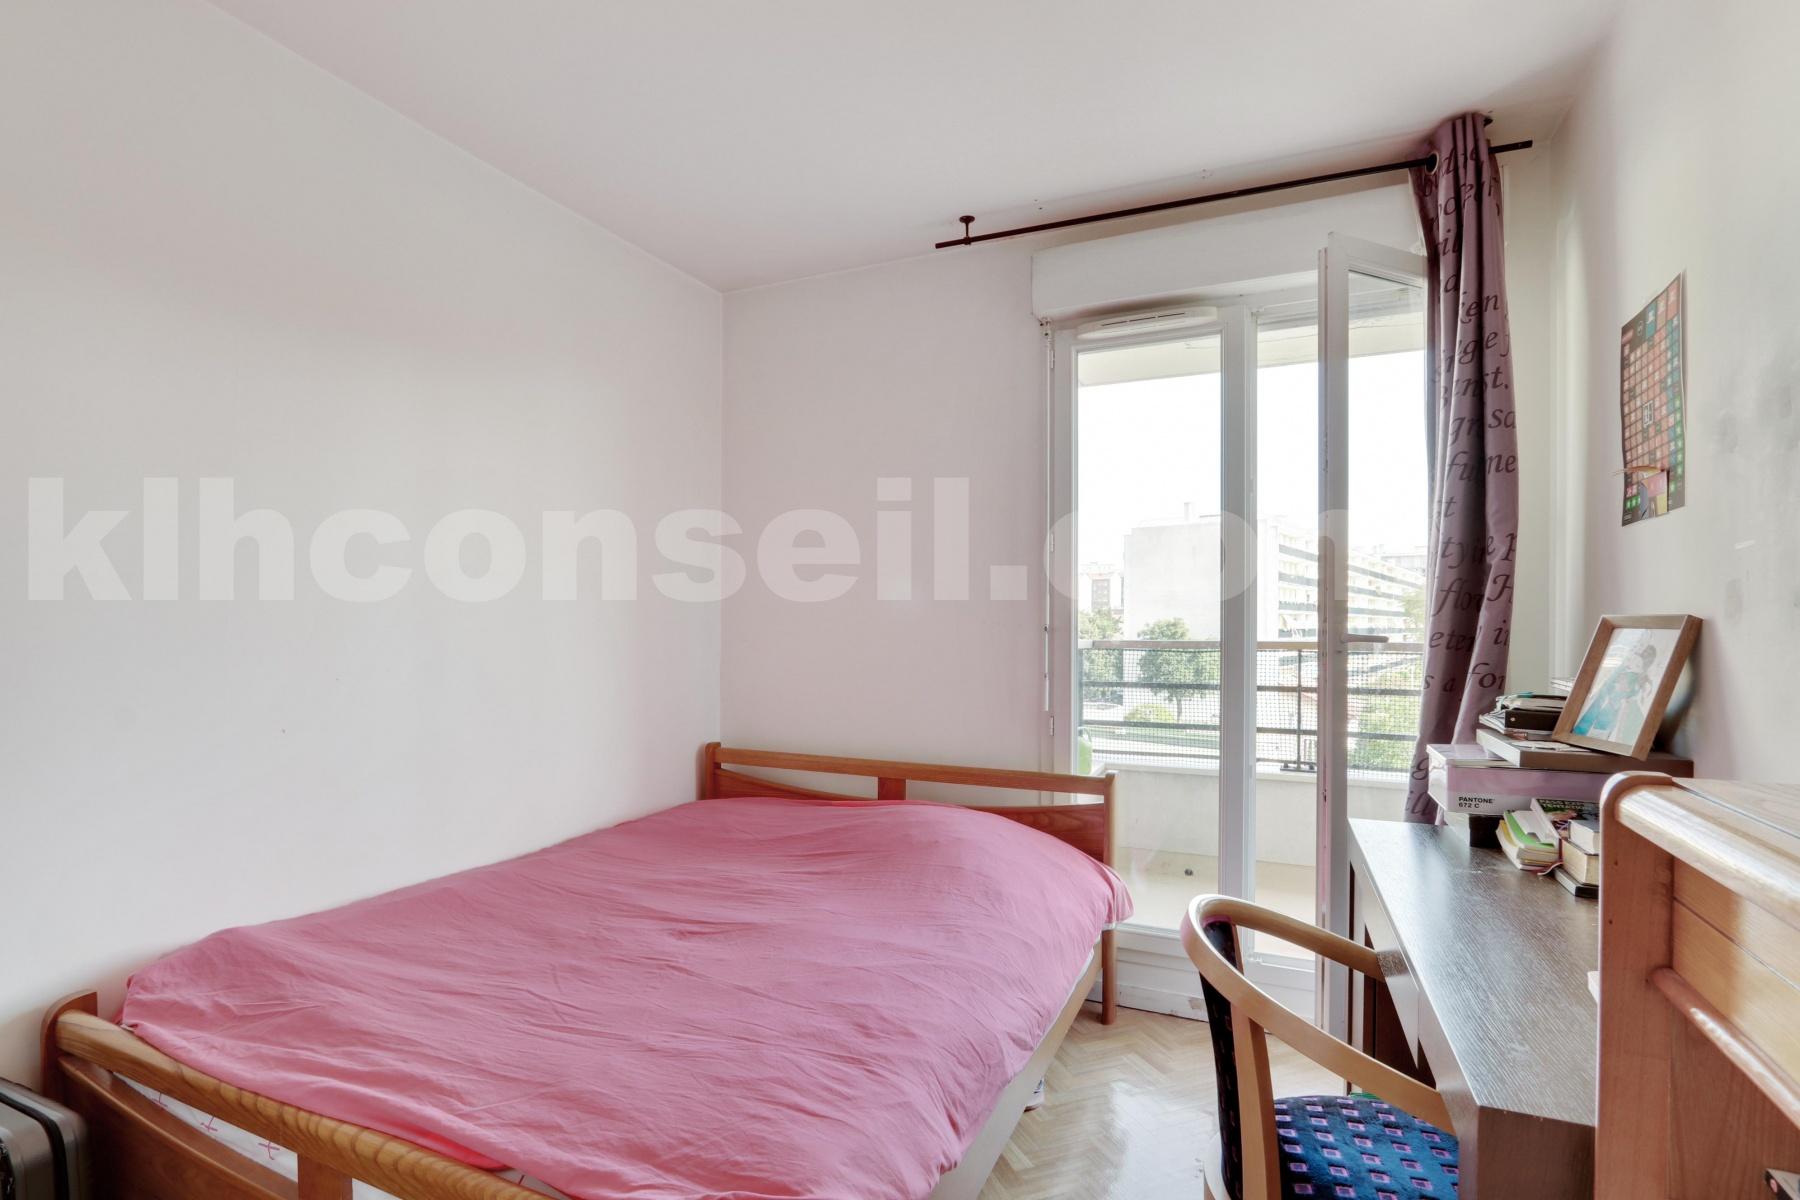 Vente Appartement de 4 pièces 89 m² - COLOMBES 92700 | KLH Conseil -  photo8